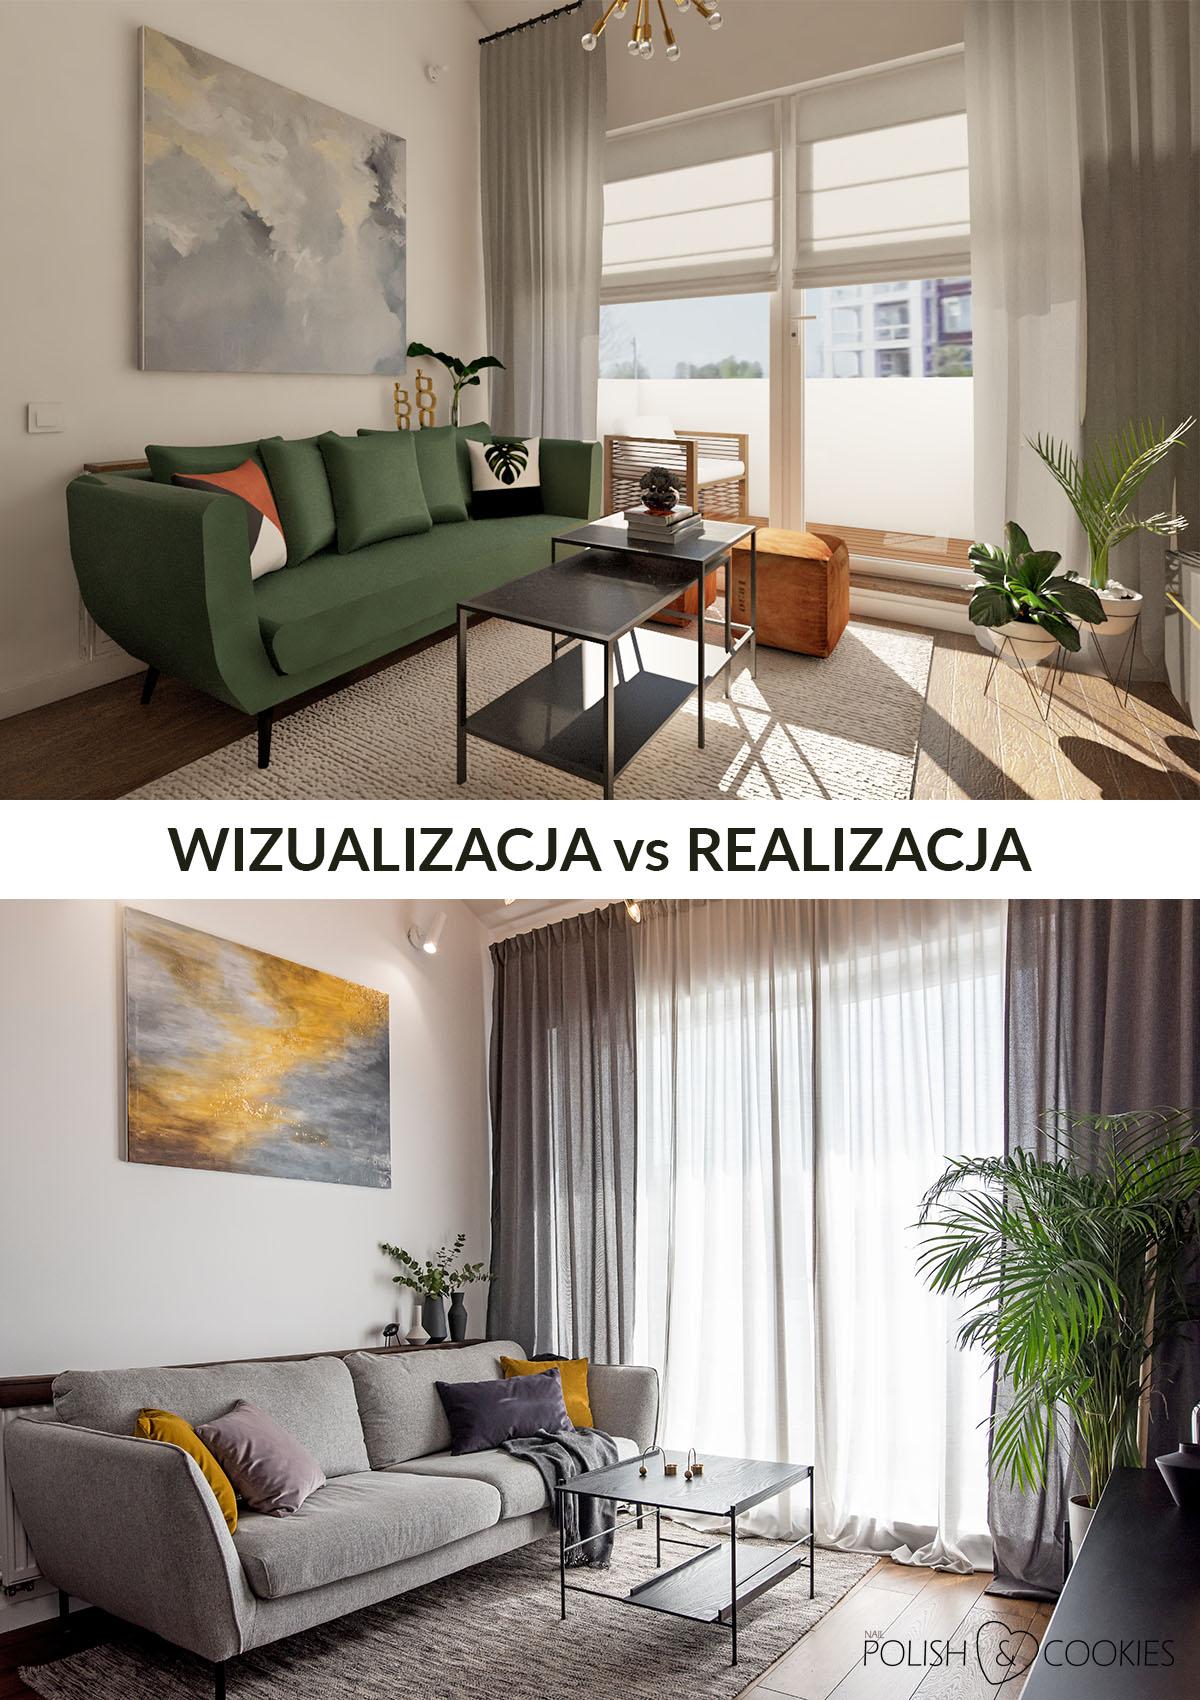 wizualizacja vs realizacja salon